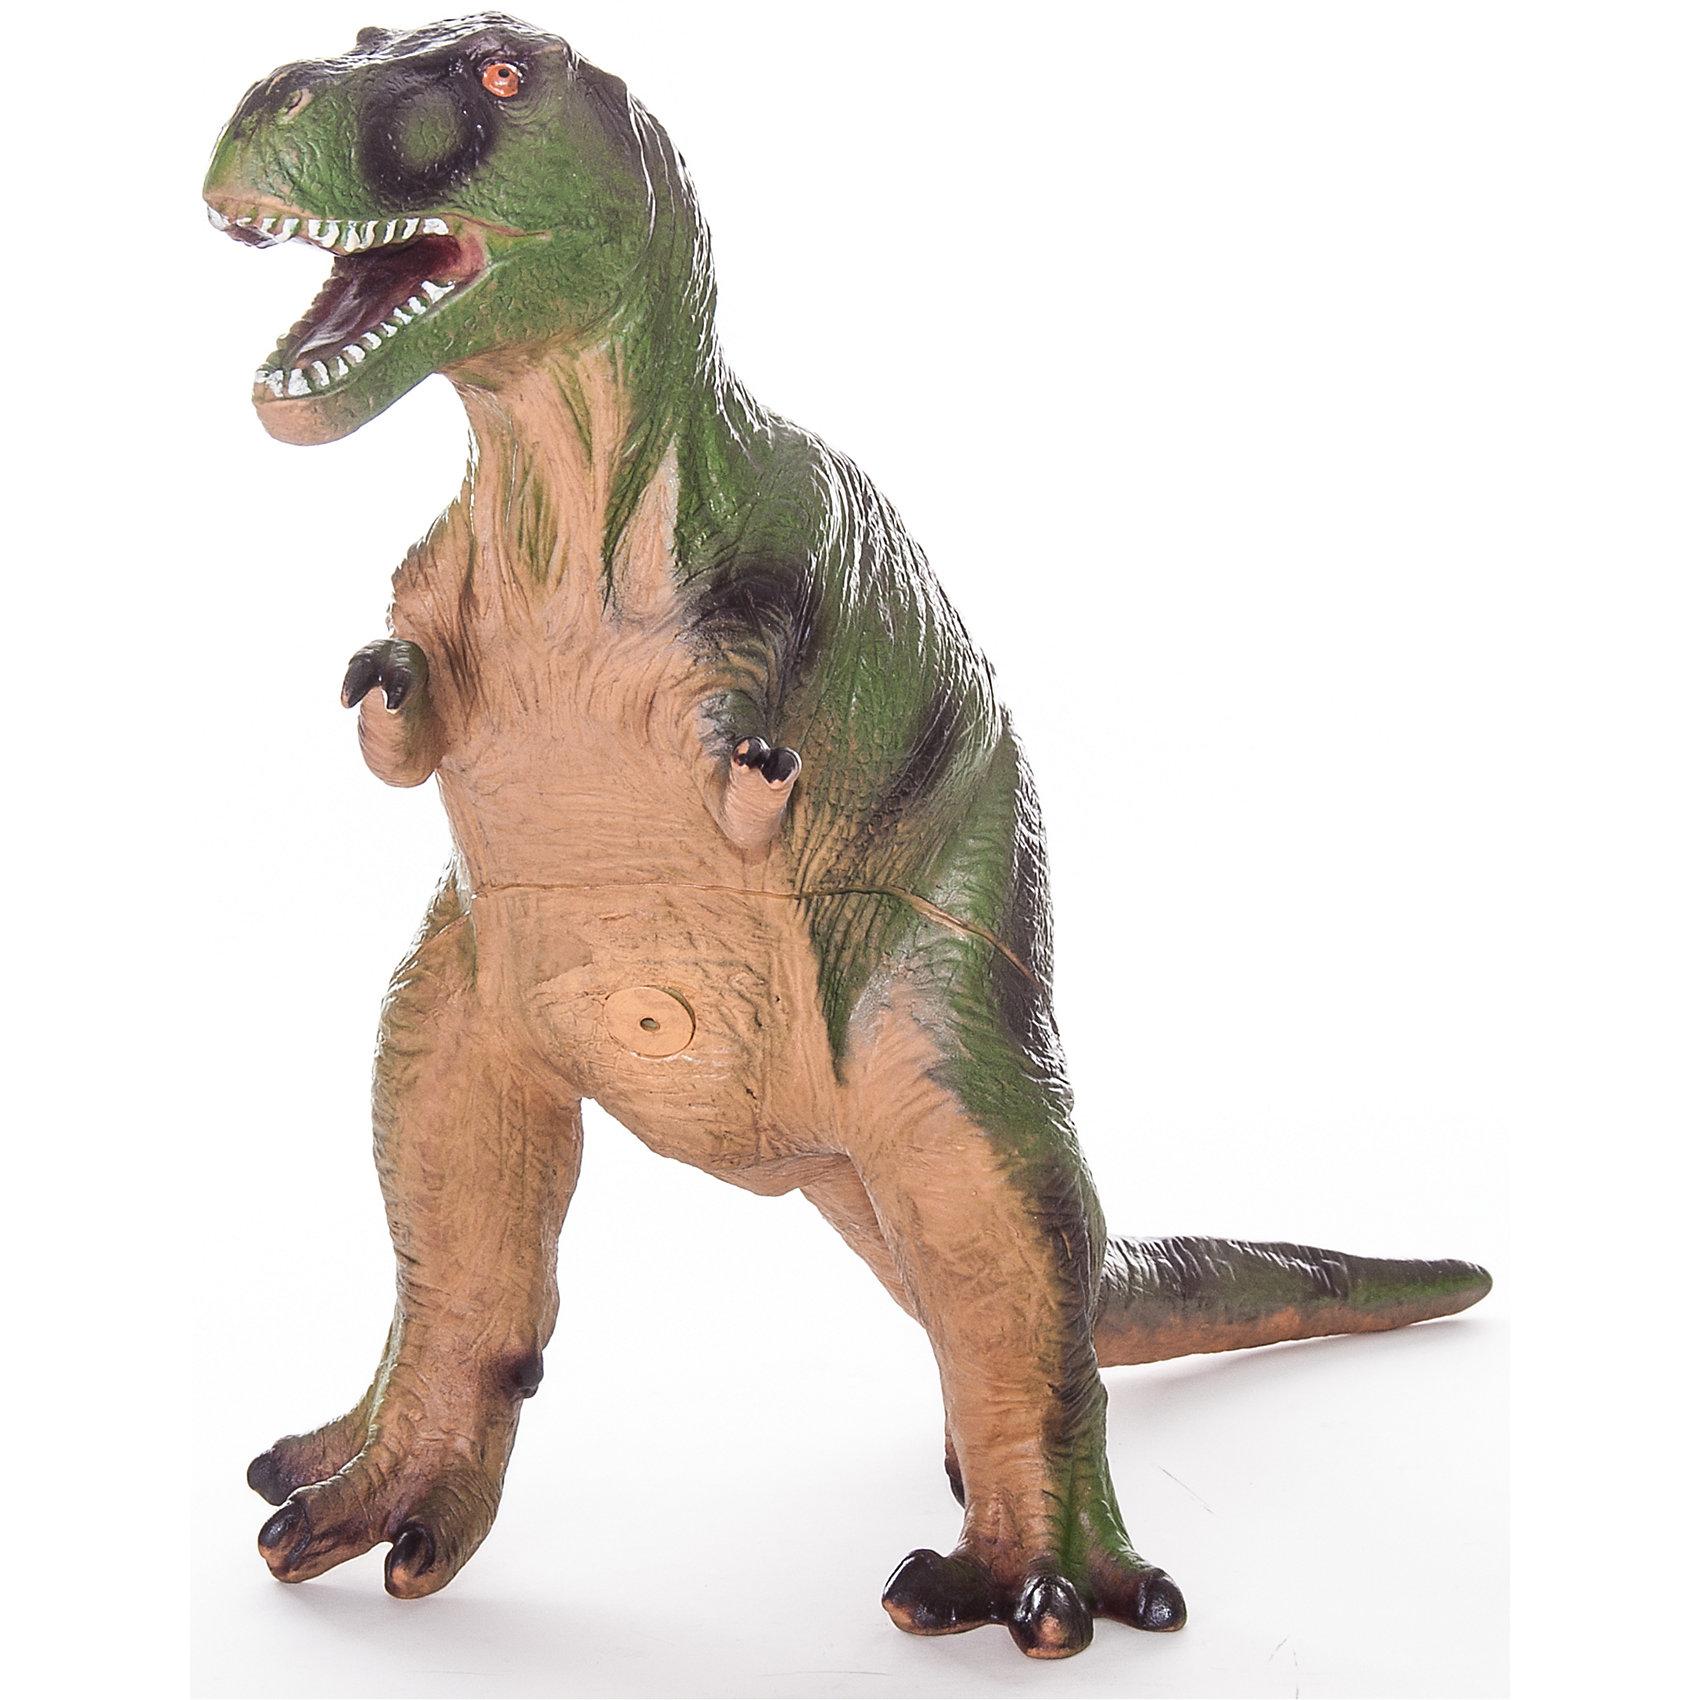 Фигурка динозавра Дасплетозавр, HGLДинозавры и драконы<br>Детей всех возрастов привлекают фильмы и рассказы о доисторических временах и чудесных динозаврах, населявших Землю до возникновения человека. Подстегните фантазию юного любителя древностей - подарите ему динозавра из серии игрушек HGL. Специалисты компании создавали игрушки максимально похожими на своих прародителей, поэтому динозавры HGL такие интересные. Дасплетозавр - фигурка огромного доисторического ящера. Он достигал в длину 10 метров, обладал огромной челюстью и по мнению ученых, питался другими динозаврами. Дасплетозавр был очень быстрым, благодаря тому, что легко передвигался на задних мощных лапах. Он был одним из самых опасных хищников, населявших Землю более 75 миллионов лет тому назад. Ни одна история об эре динозавров невозможна без этого одинокого хищника. Ребенок будет в восторге от такого замечательного подарка. Массивный динозавр сделан из мягкого ПВХ безопасного для ребенка. Внушительные размеры и отличная детализация Дасплетозавра помогут ребенку окунуться в далекий и такой манящий доисторический мир, полный приключений.<br><br>Дополнительная информация:<br><br>- Внешний вид фигурки основан на реальных данных палеонтологов;<br>- Материал: ПВХ;<br>- Размер фигурки: 40 см;<br>- Размер упаковки: 34 х 28 х 16 см;<br>- Вес: 750 г<br><br>Фигурку динозавра Дасплетозавр, HGL можно купить в нашем интернет-магазине.<br><br>Ширина мм: 340<br>Глубина мм: 280<br>Высота мм: 160<br>Вес г: 750<br>Возраст от месяцев: 36<br>Возраст до месяцев: 192<br>Пол: Унисекс<br>Возраст: Детский<br>SKU: 4135939